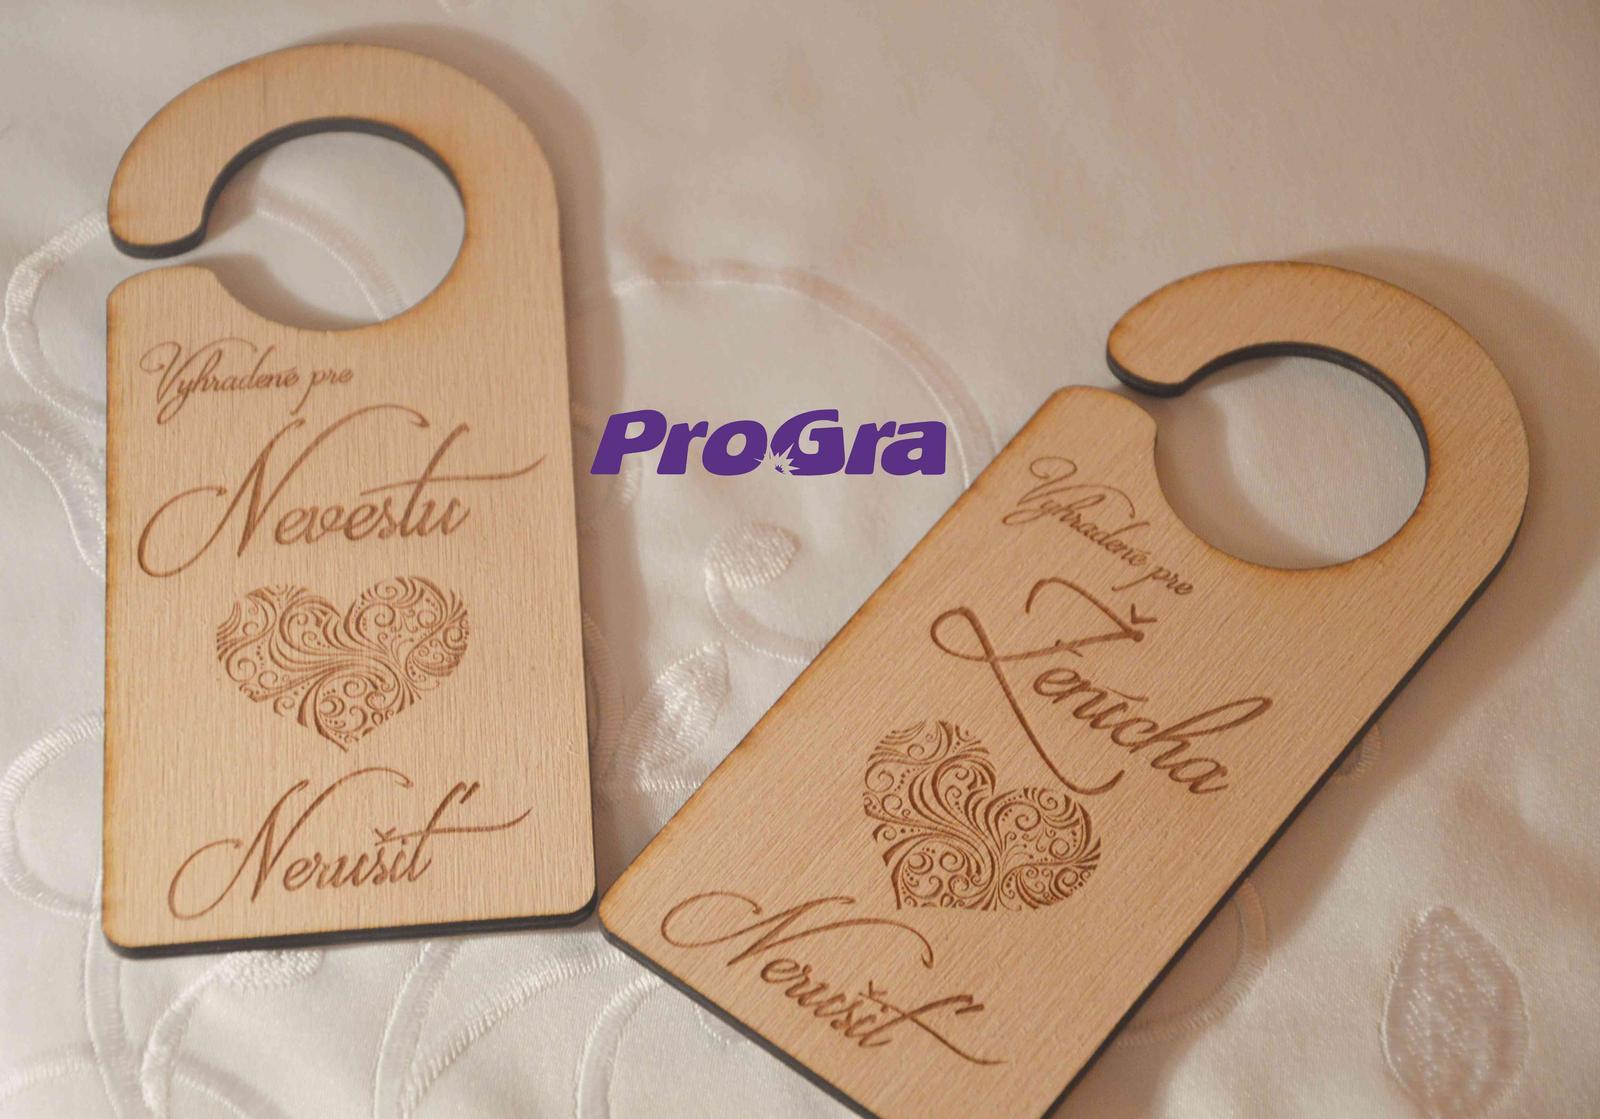 Originální Svatební Doplňky - Elegantní závěsy na kliku se svatební grafikou zvlášť pro ženicha a zvlášť pro nevěstu.